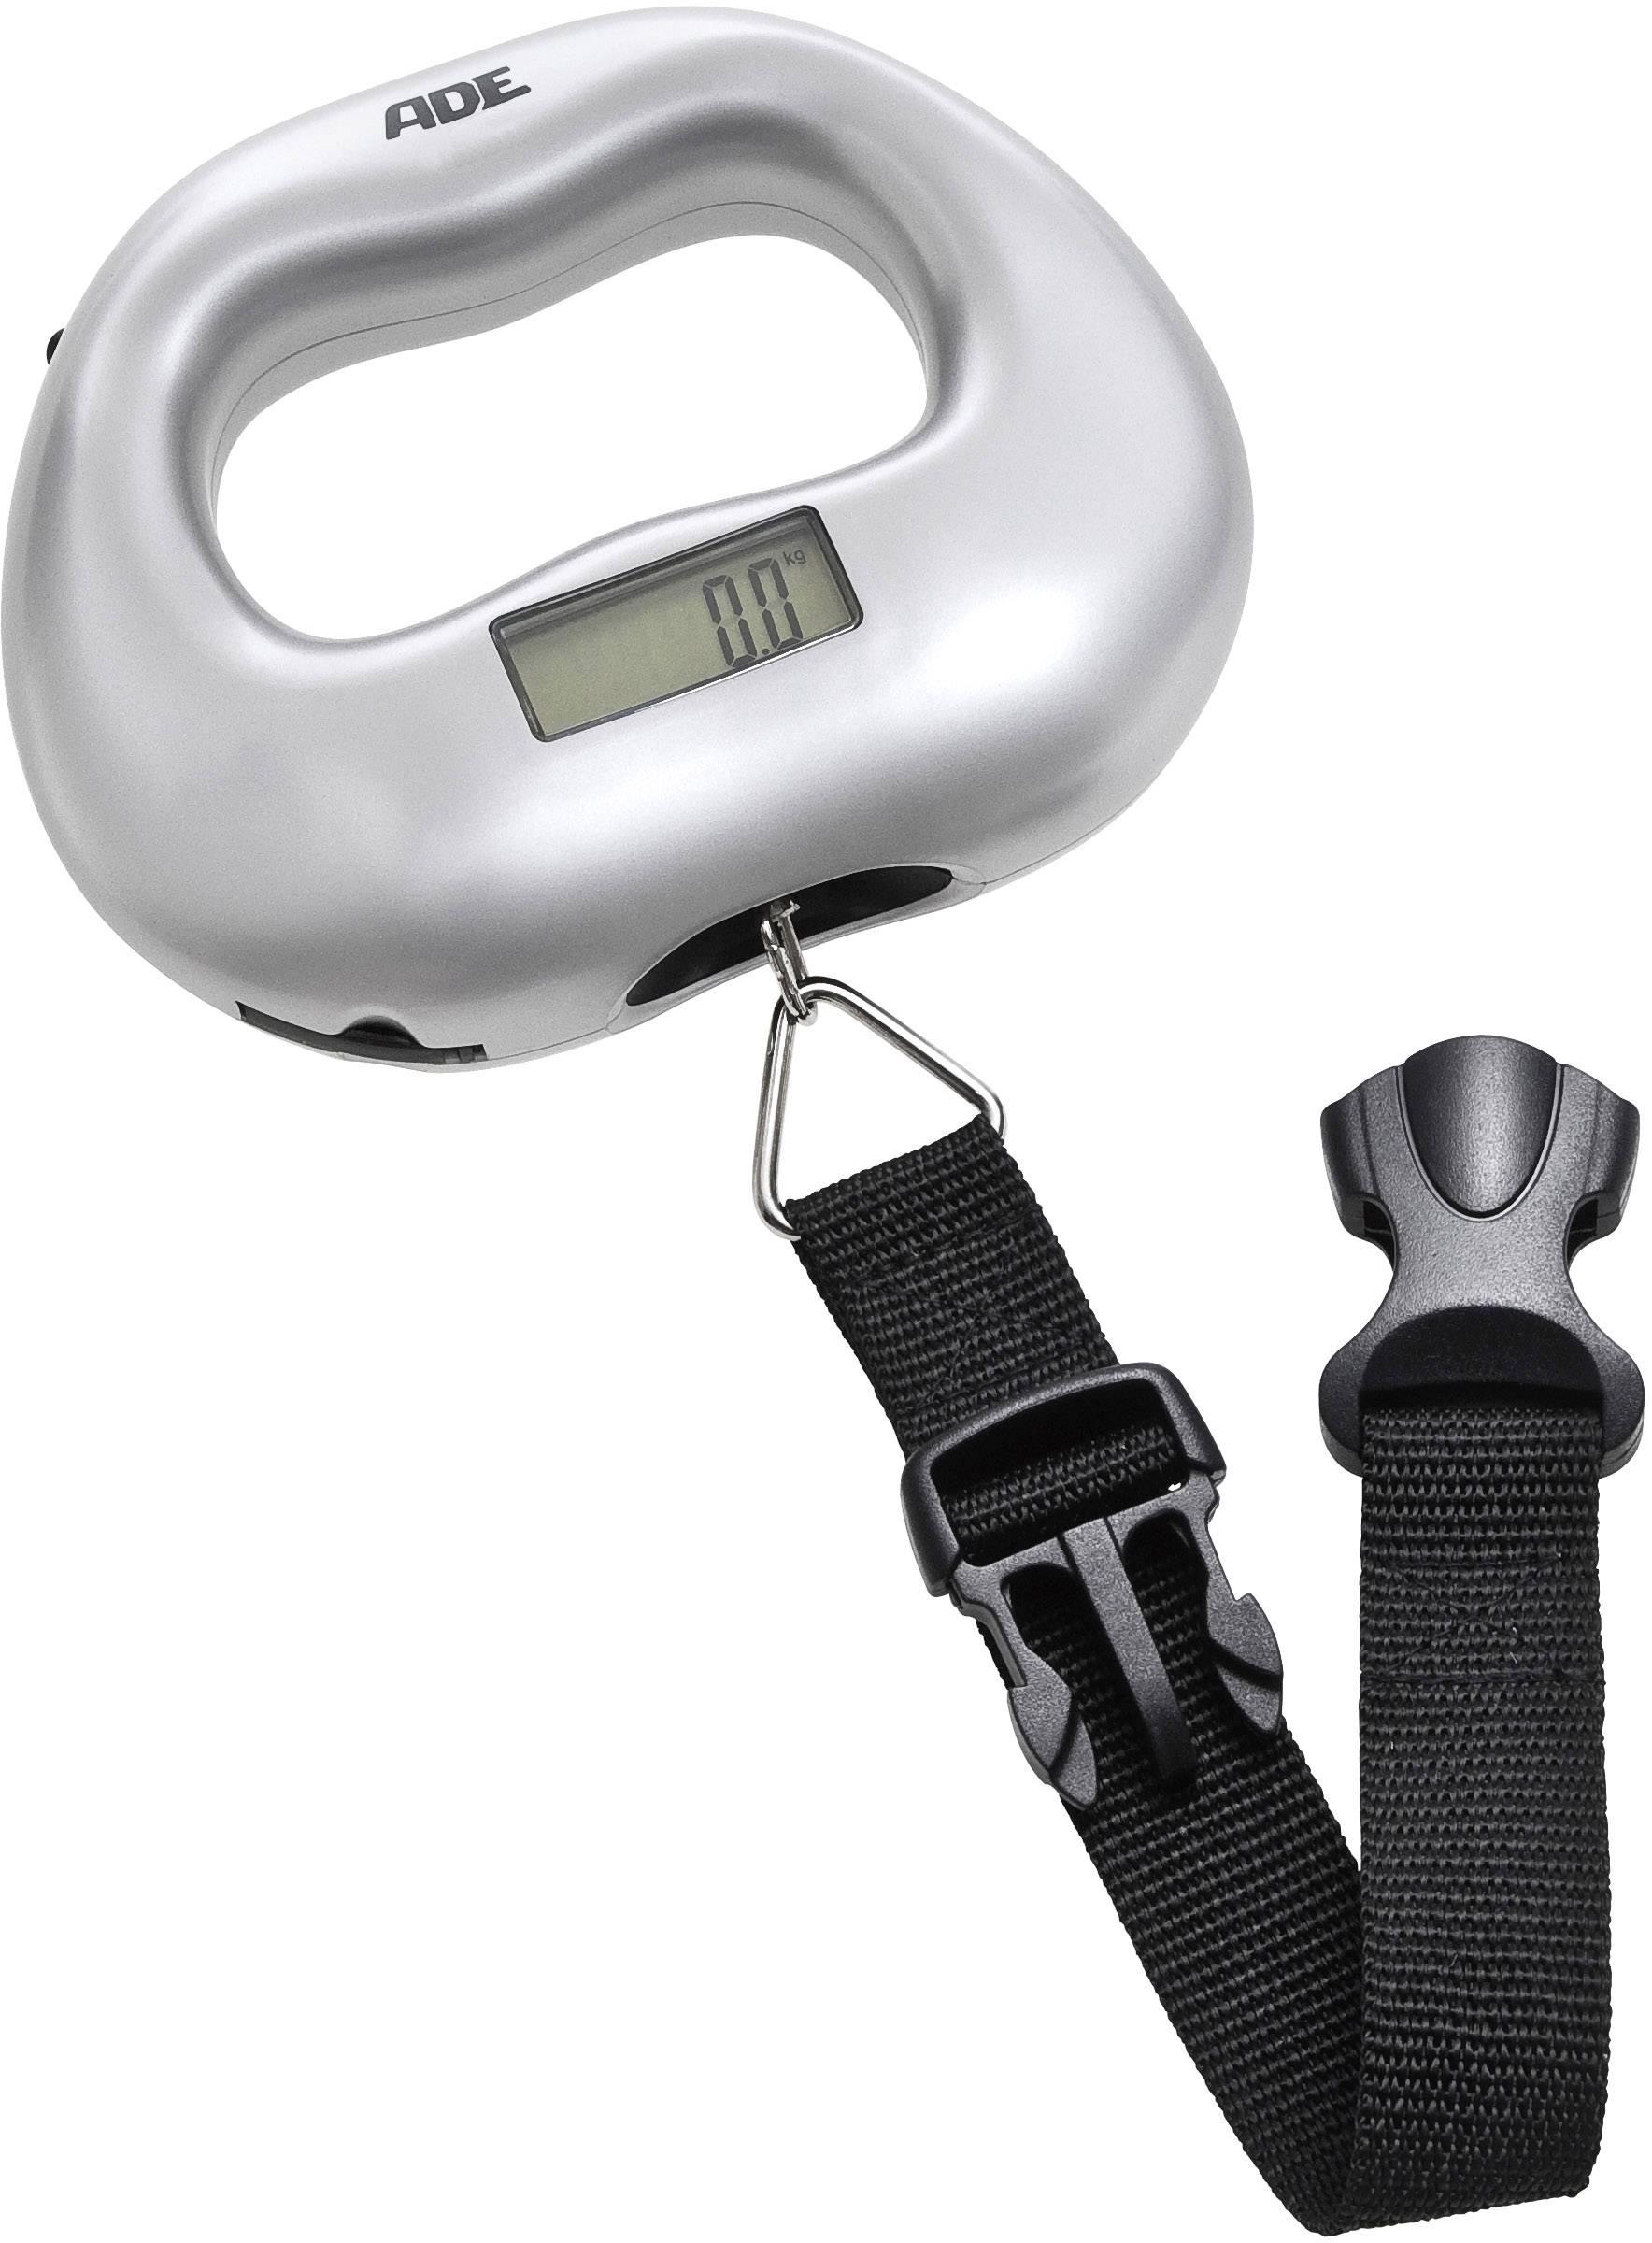 Váha na cestovní zavazdla ADE KW 901 Maxi, max. váživost 55 kg, rozlišení 100 g, stříbrnočerná